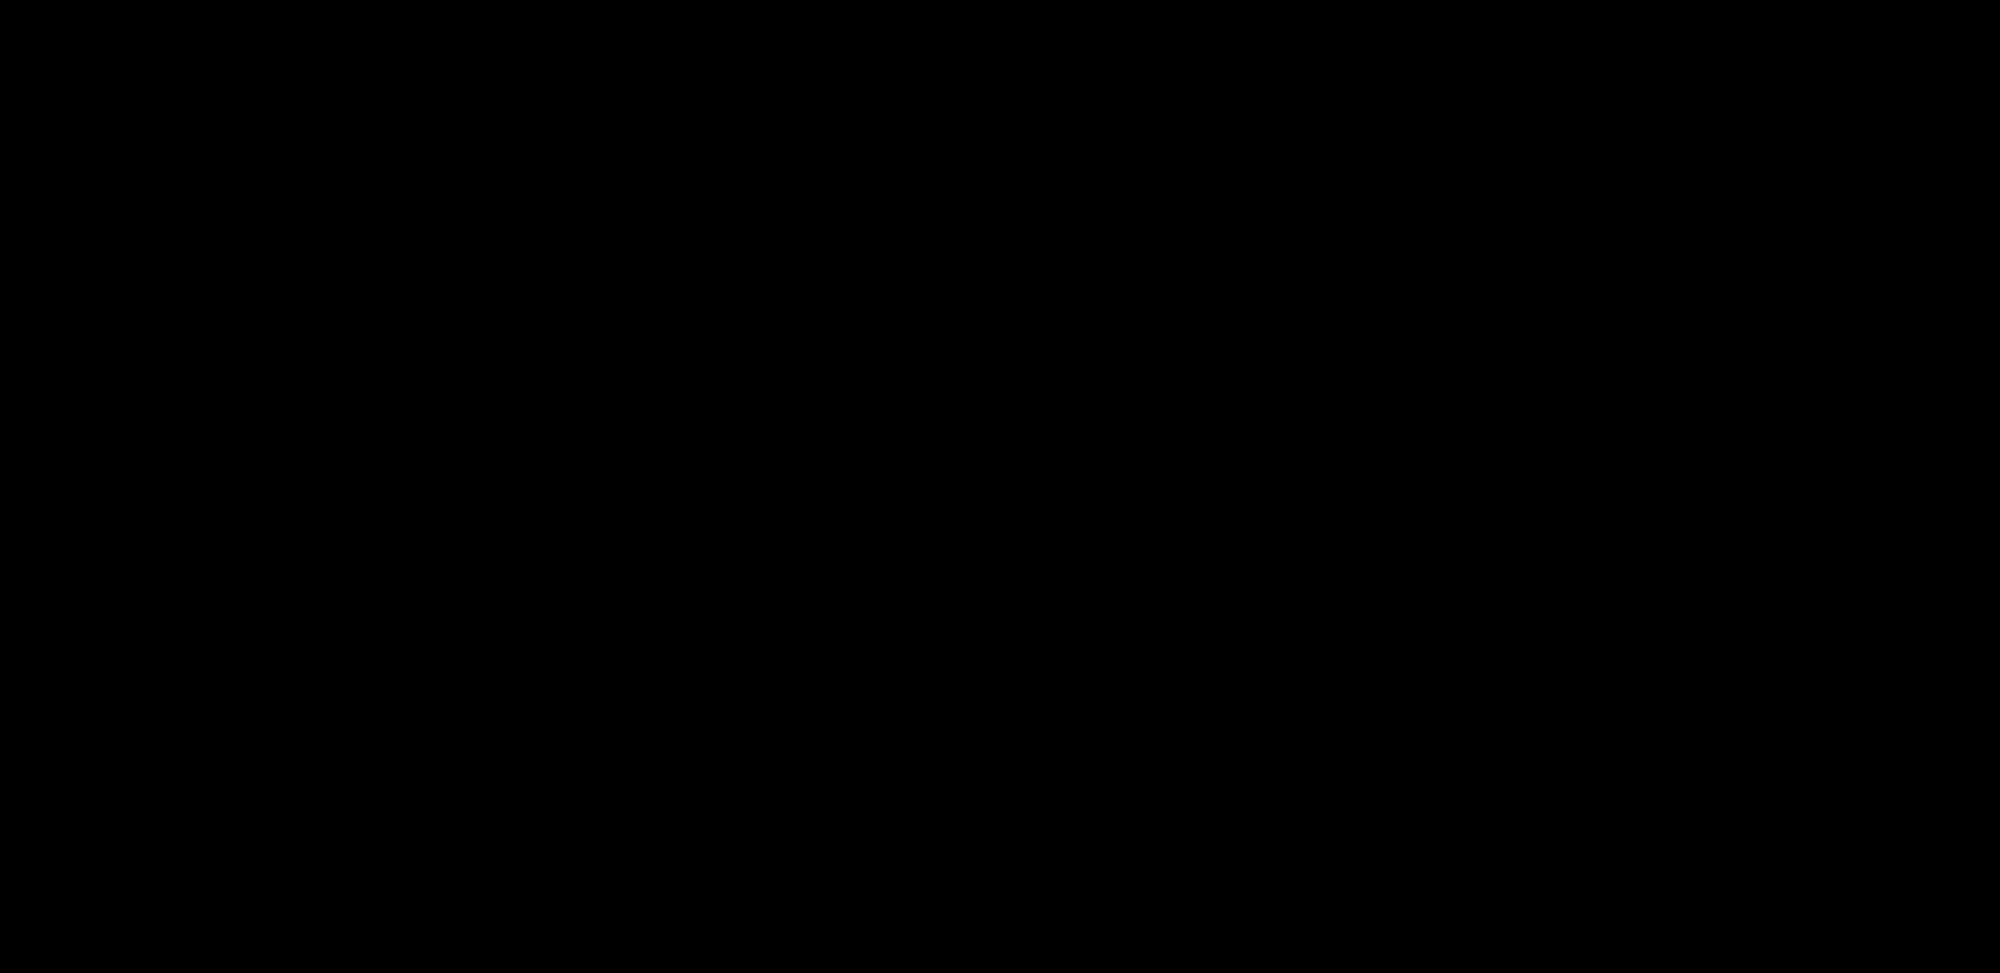 2000x973 Filerhinoceros.svg